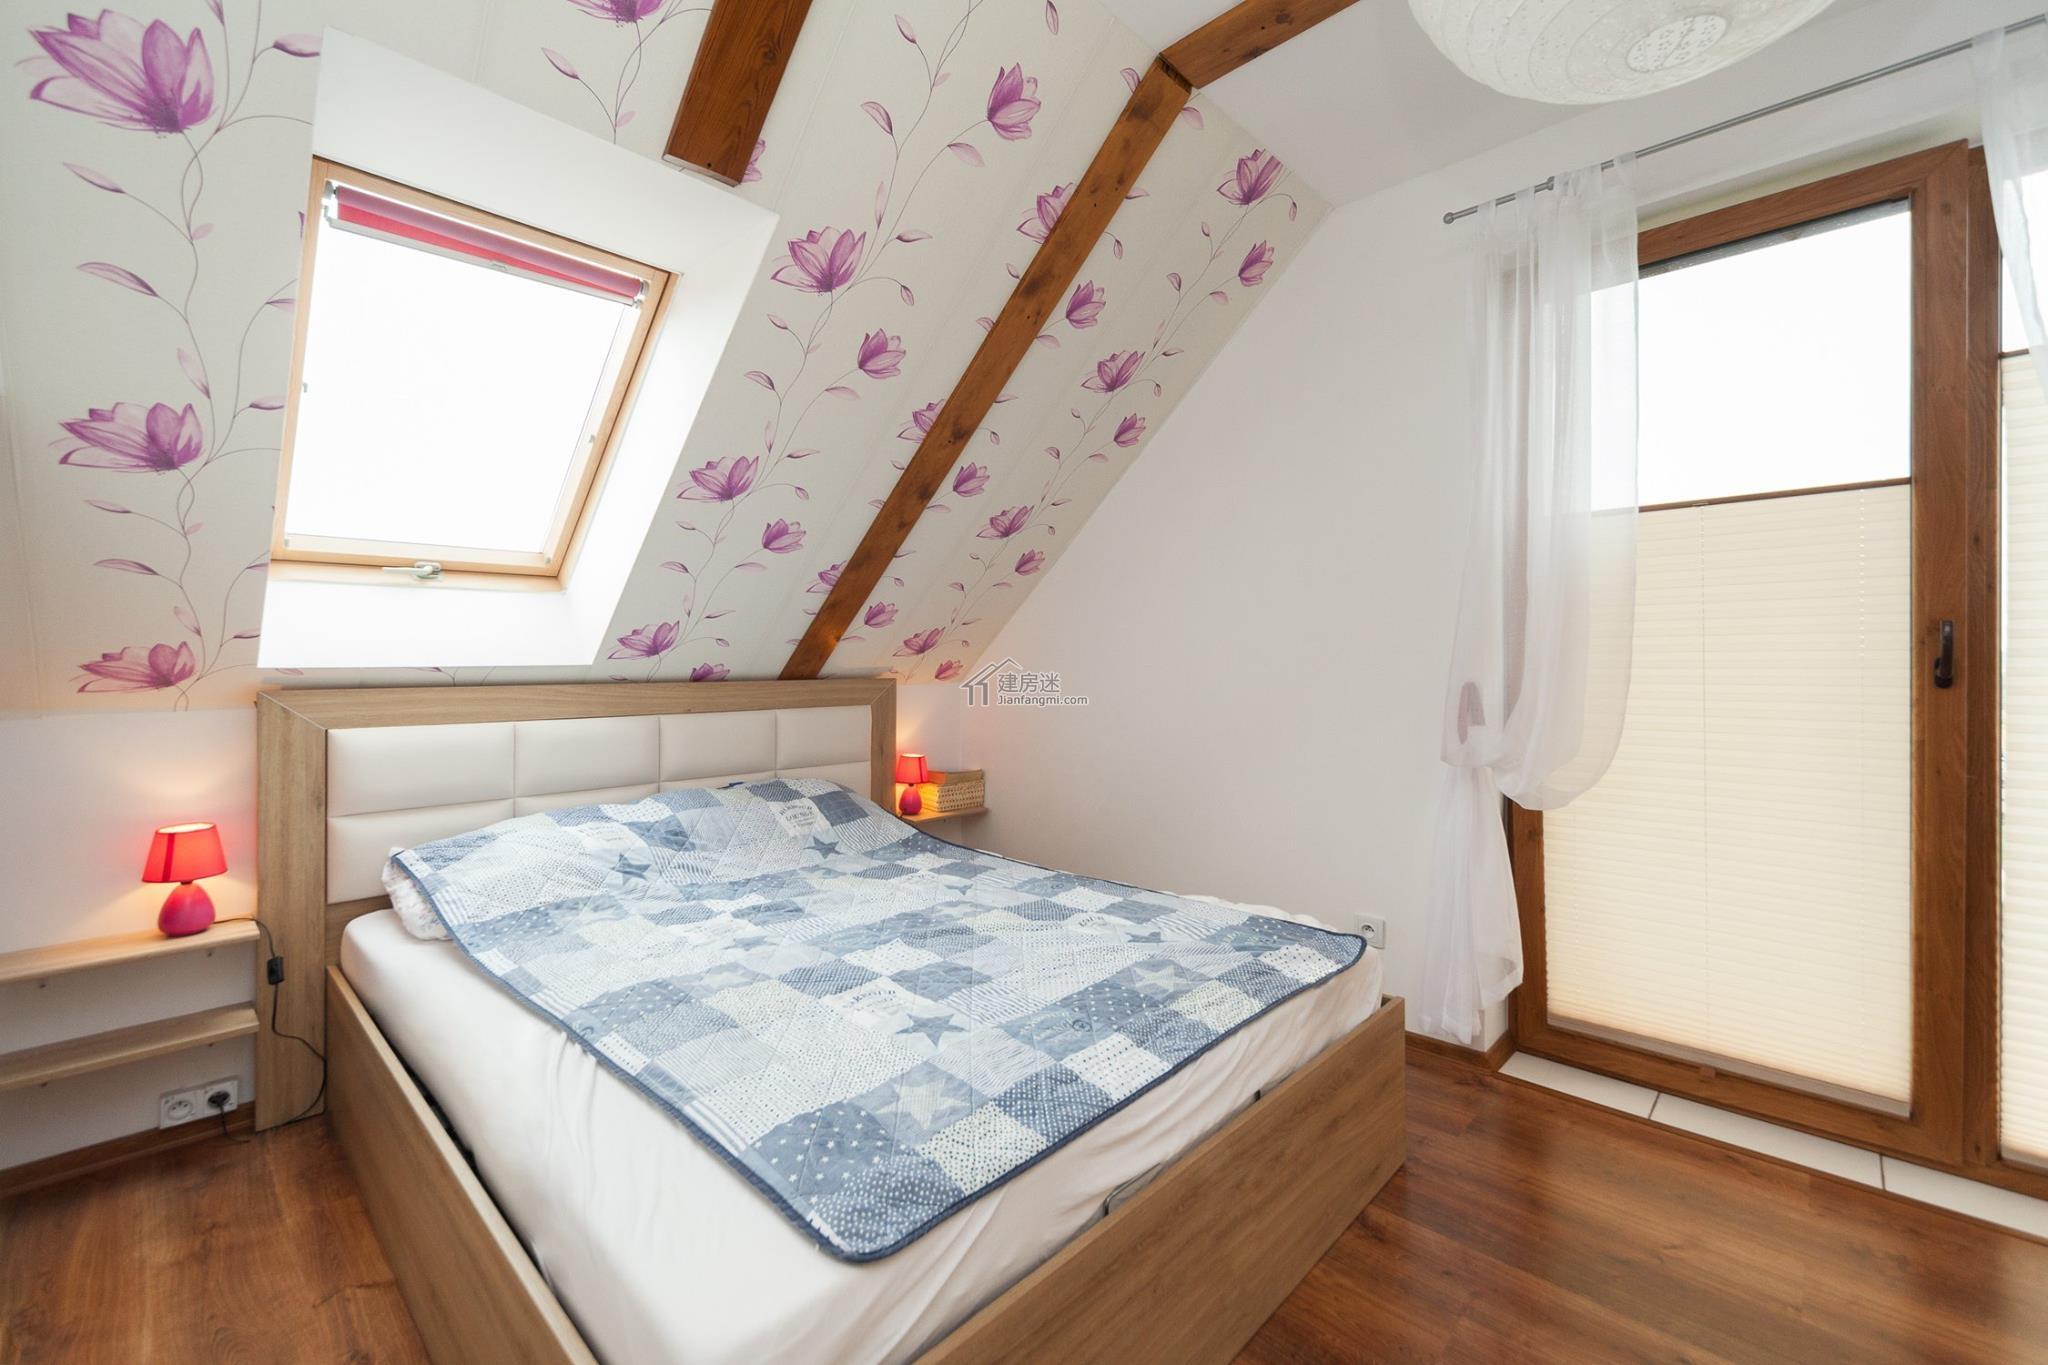 农村度假别墅设计图9米X9米二层80平米小户型简单盖房图纸